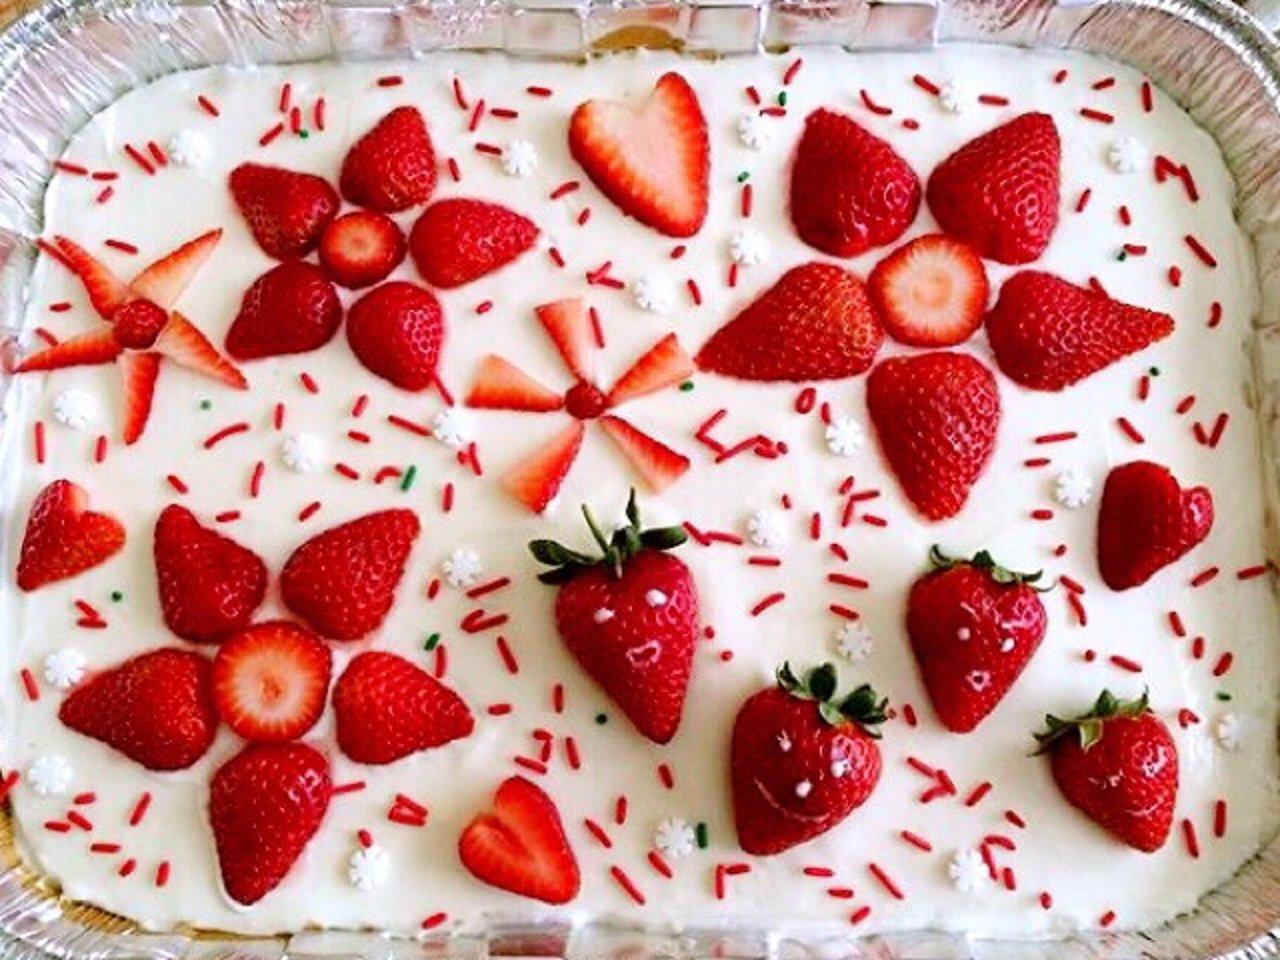 不会裱花?糊不平奶油?也能给蛋糕凹造型